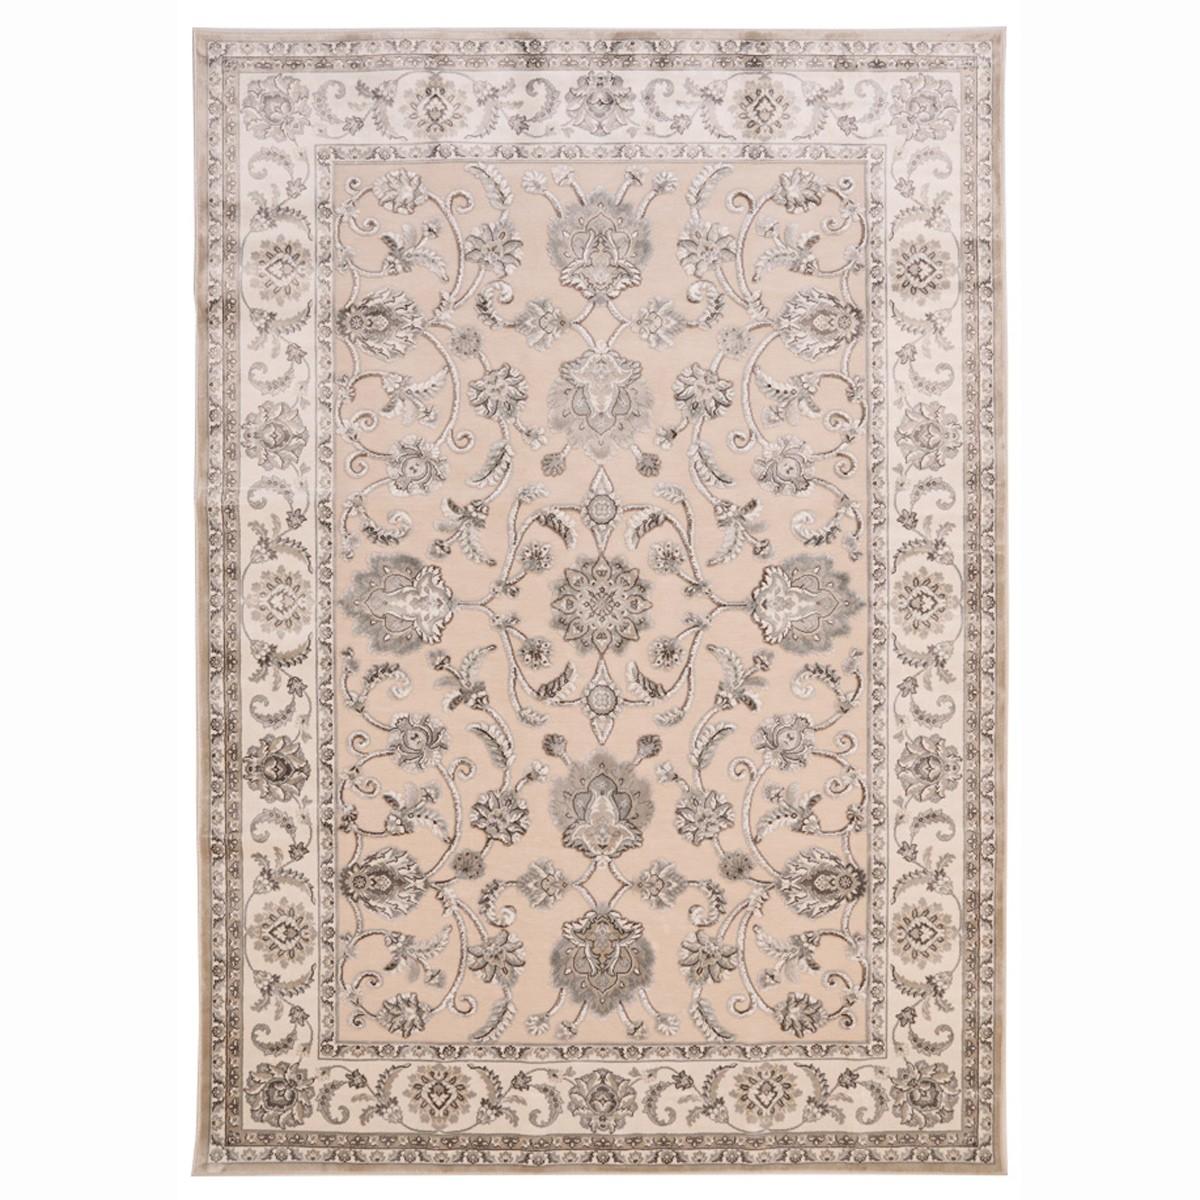 Καλοκαιρινό Χαλί (140x200) Royal Carpets Tiffany Ice 938 Ice Bei